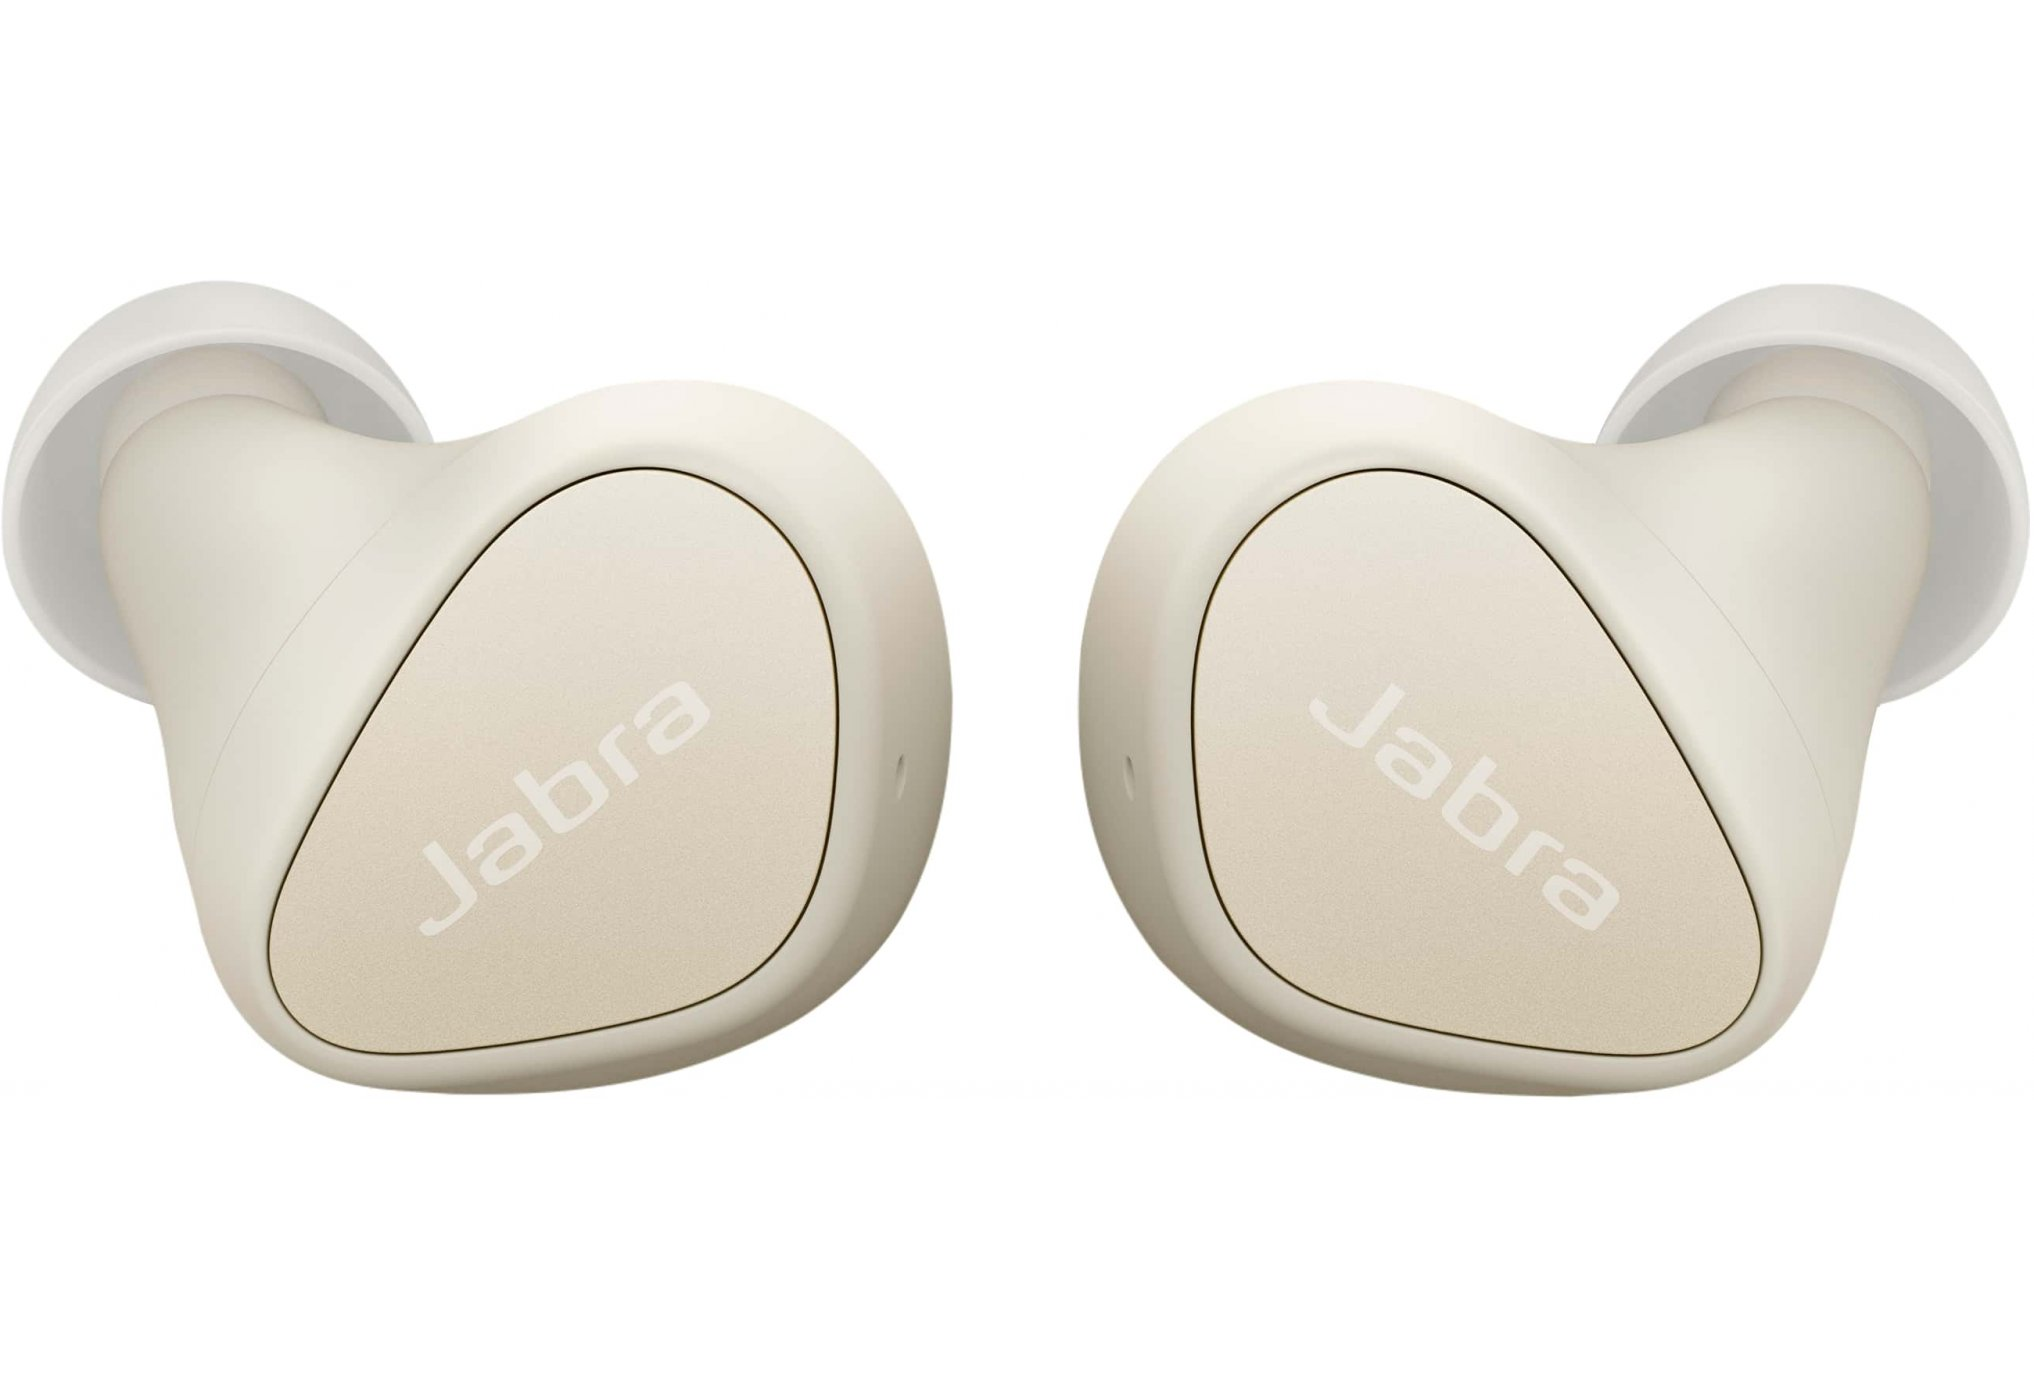 Jabra Elite 3 Casques / lecteurs mp3